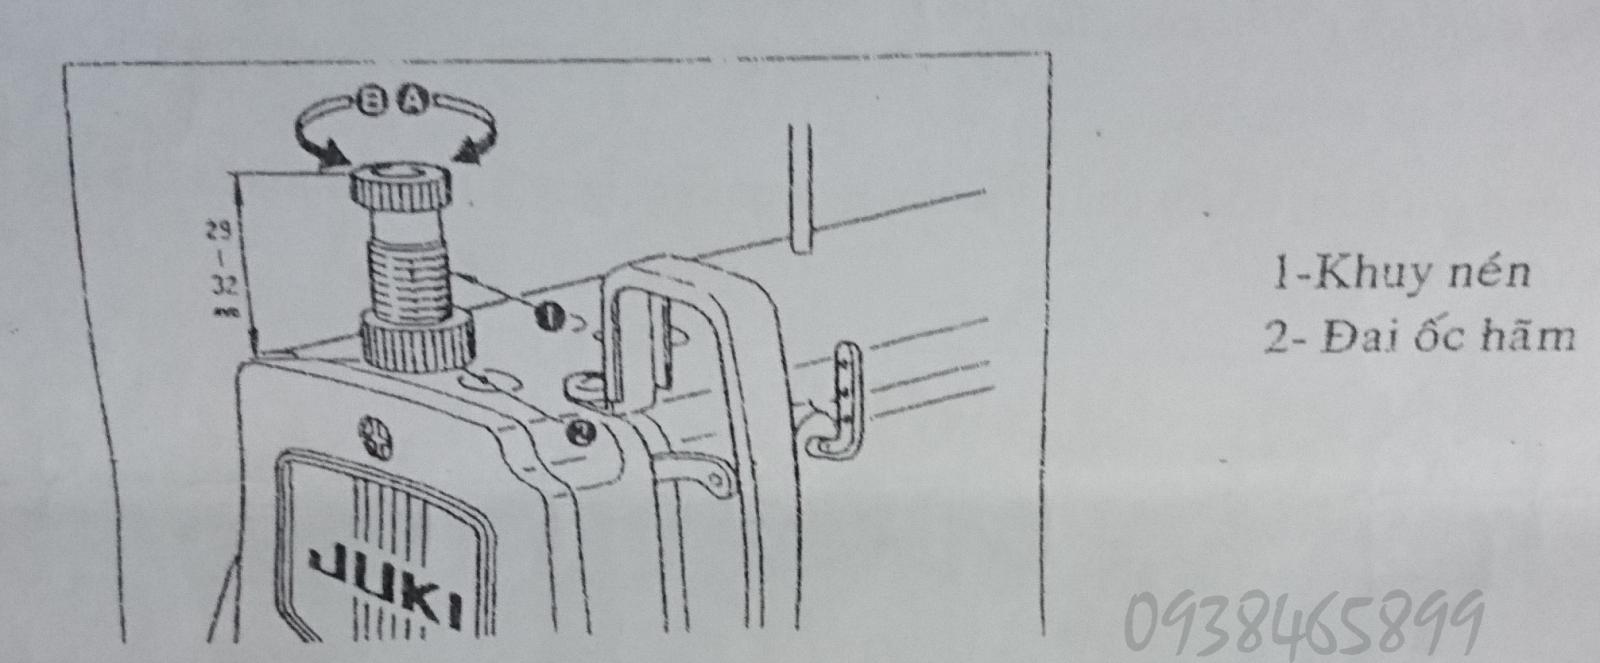 Điều chỉnh lực nén máy may